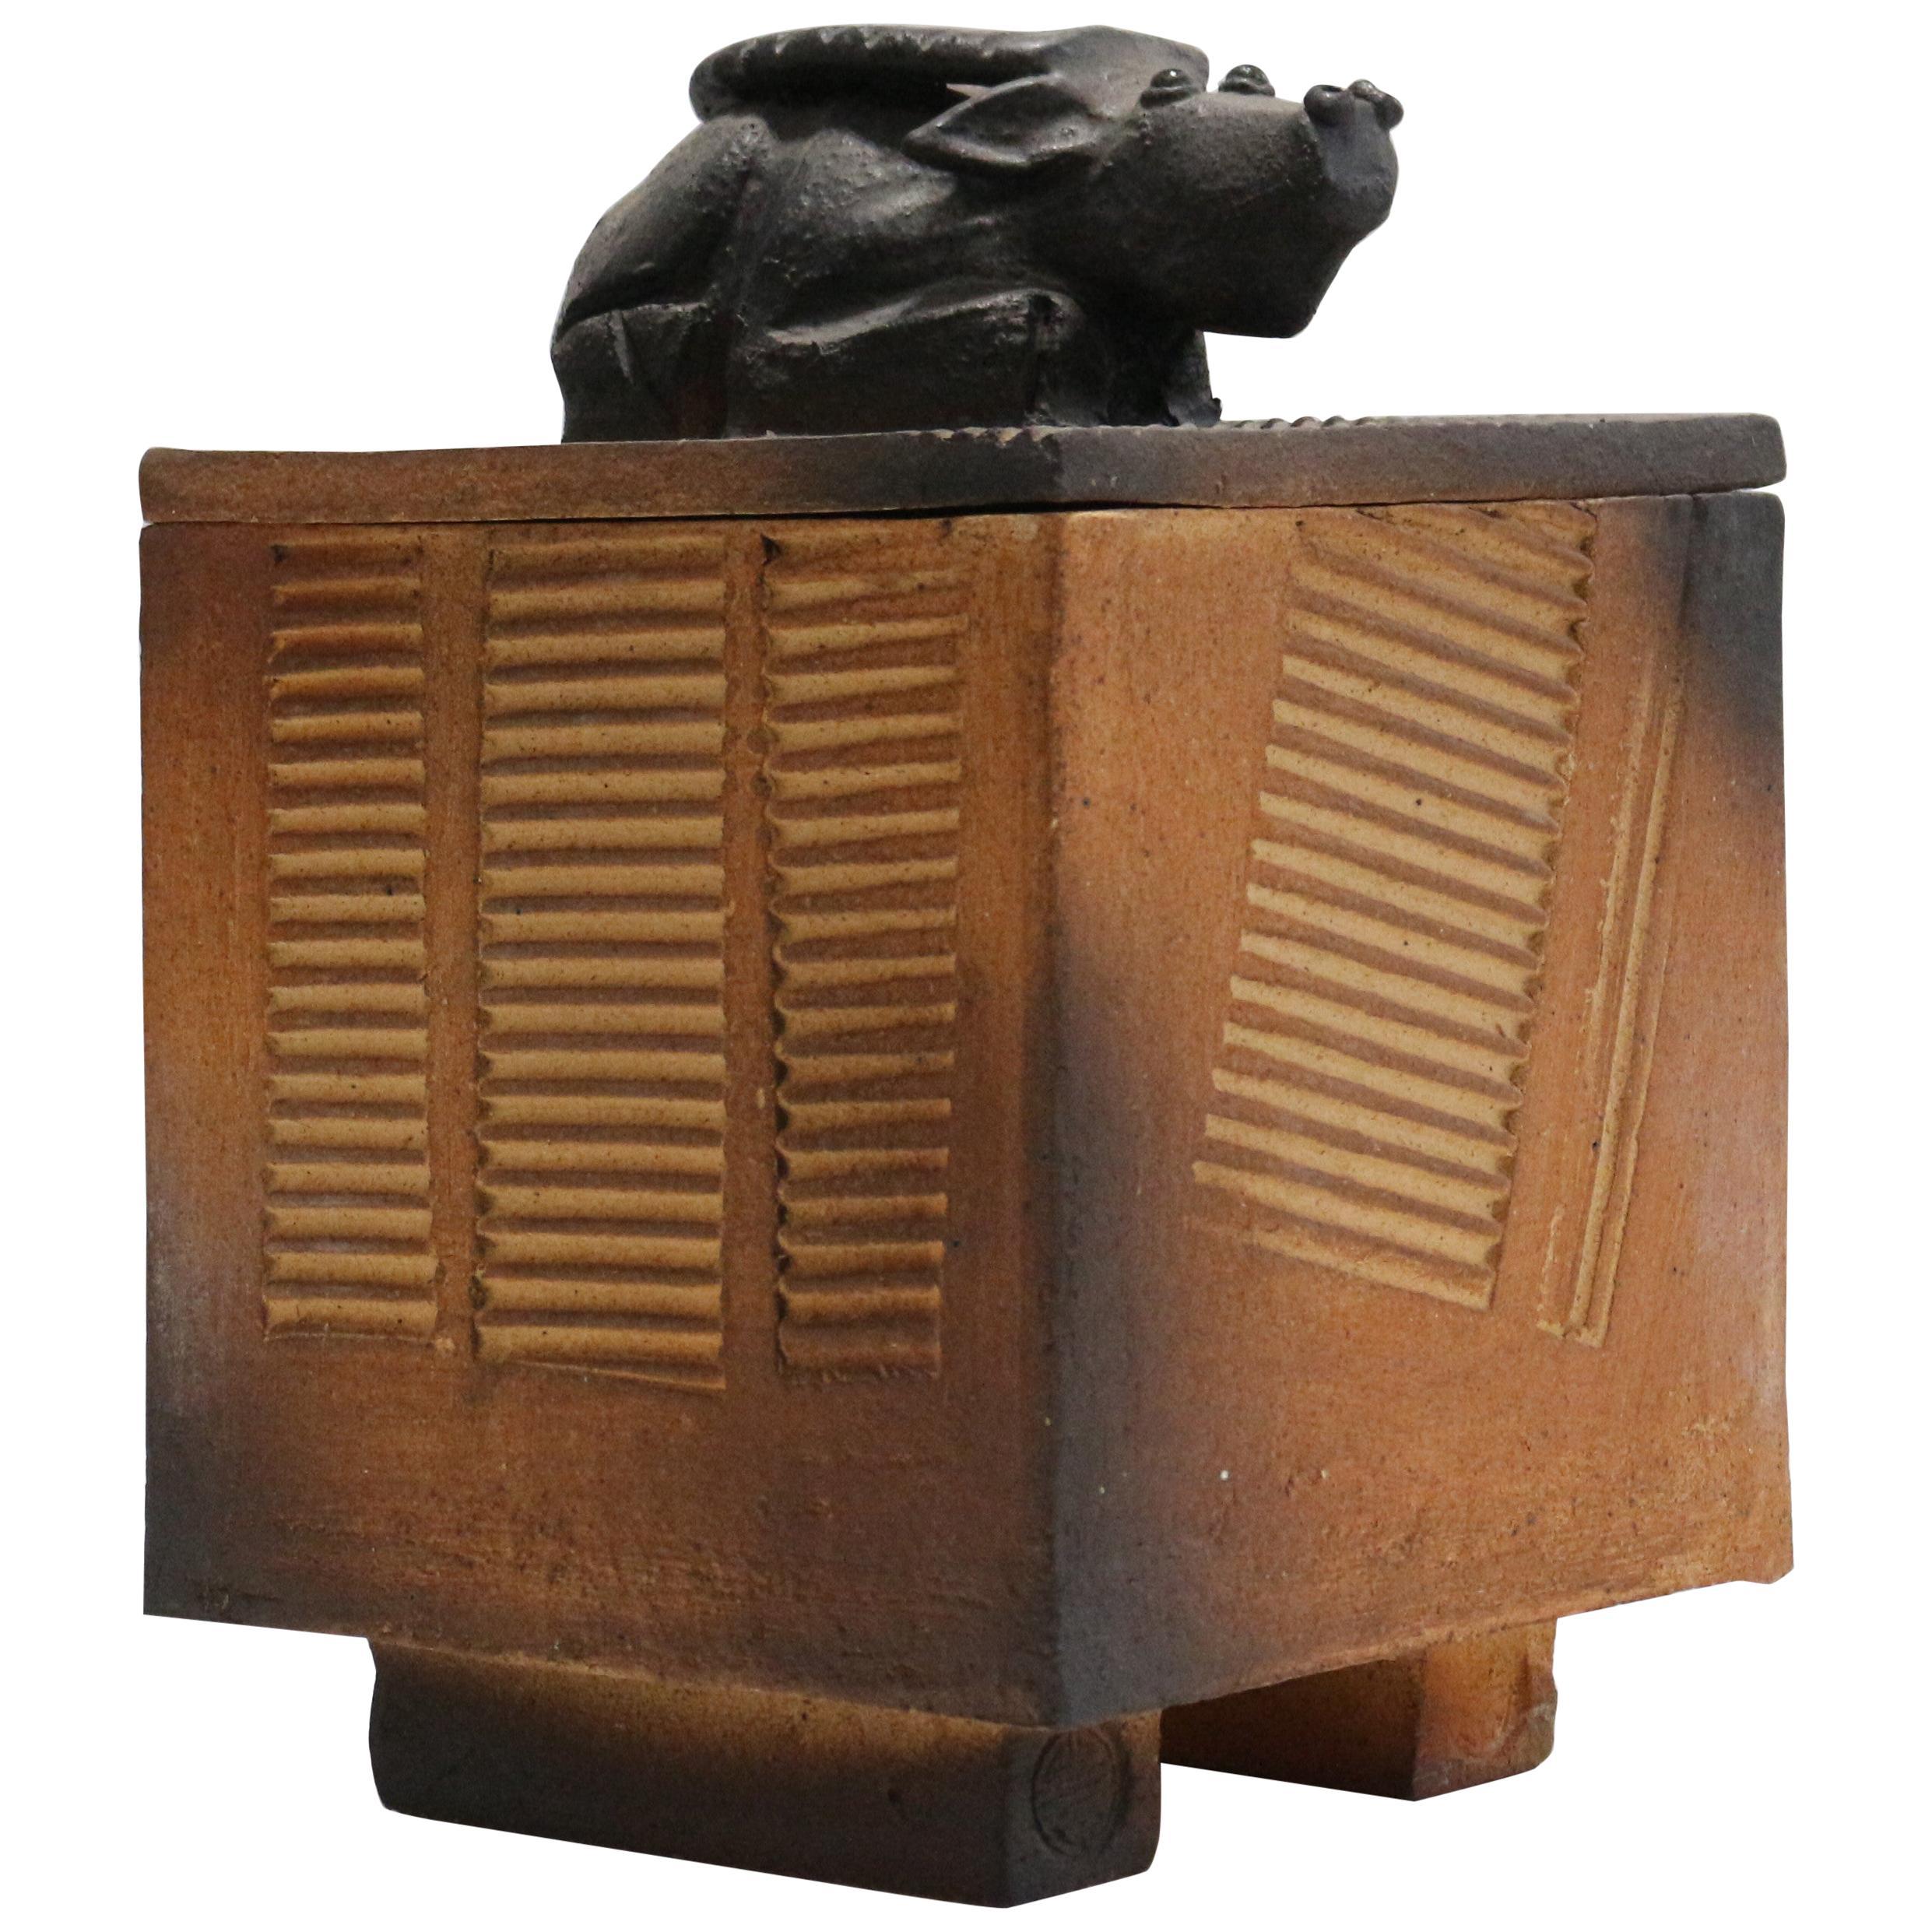 1970, Ceramic Box Sculpture by Atelier Palègre